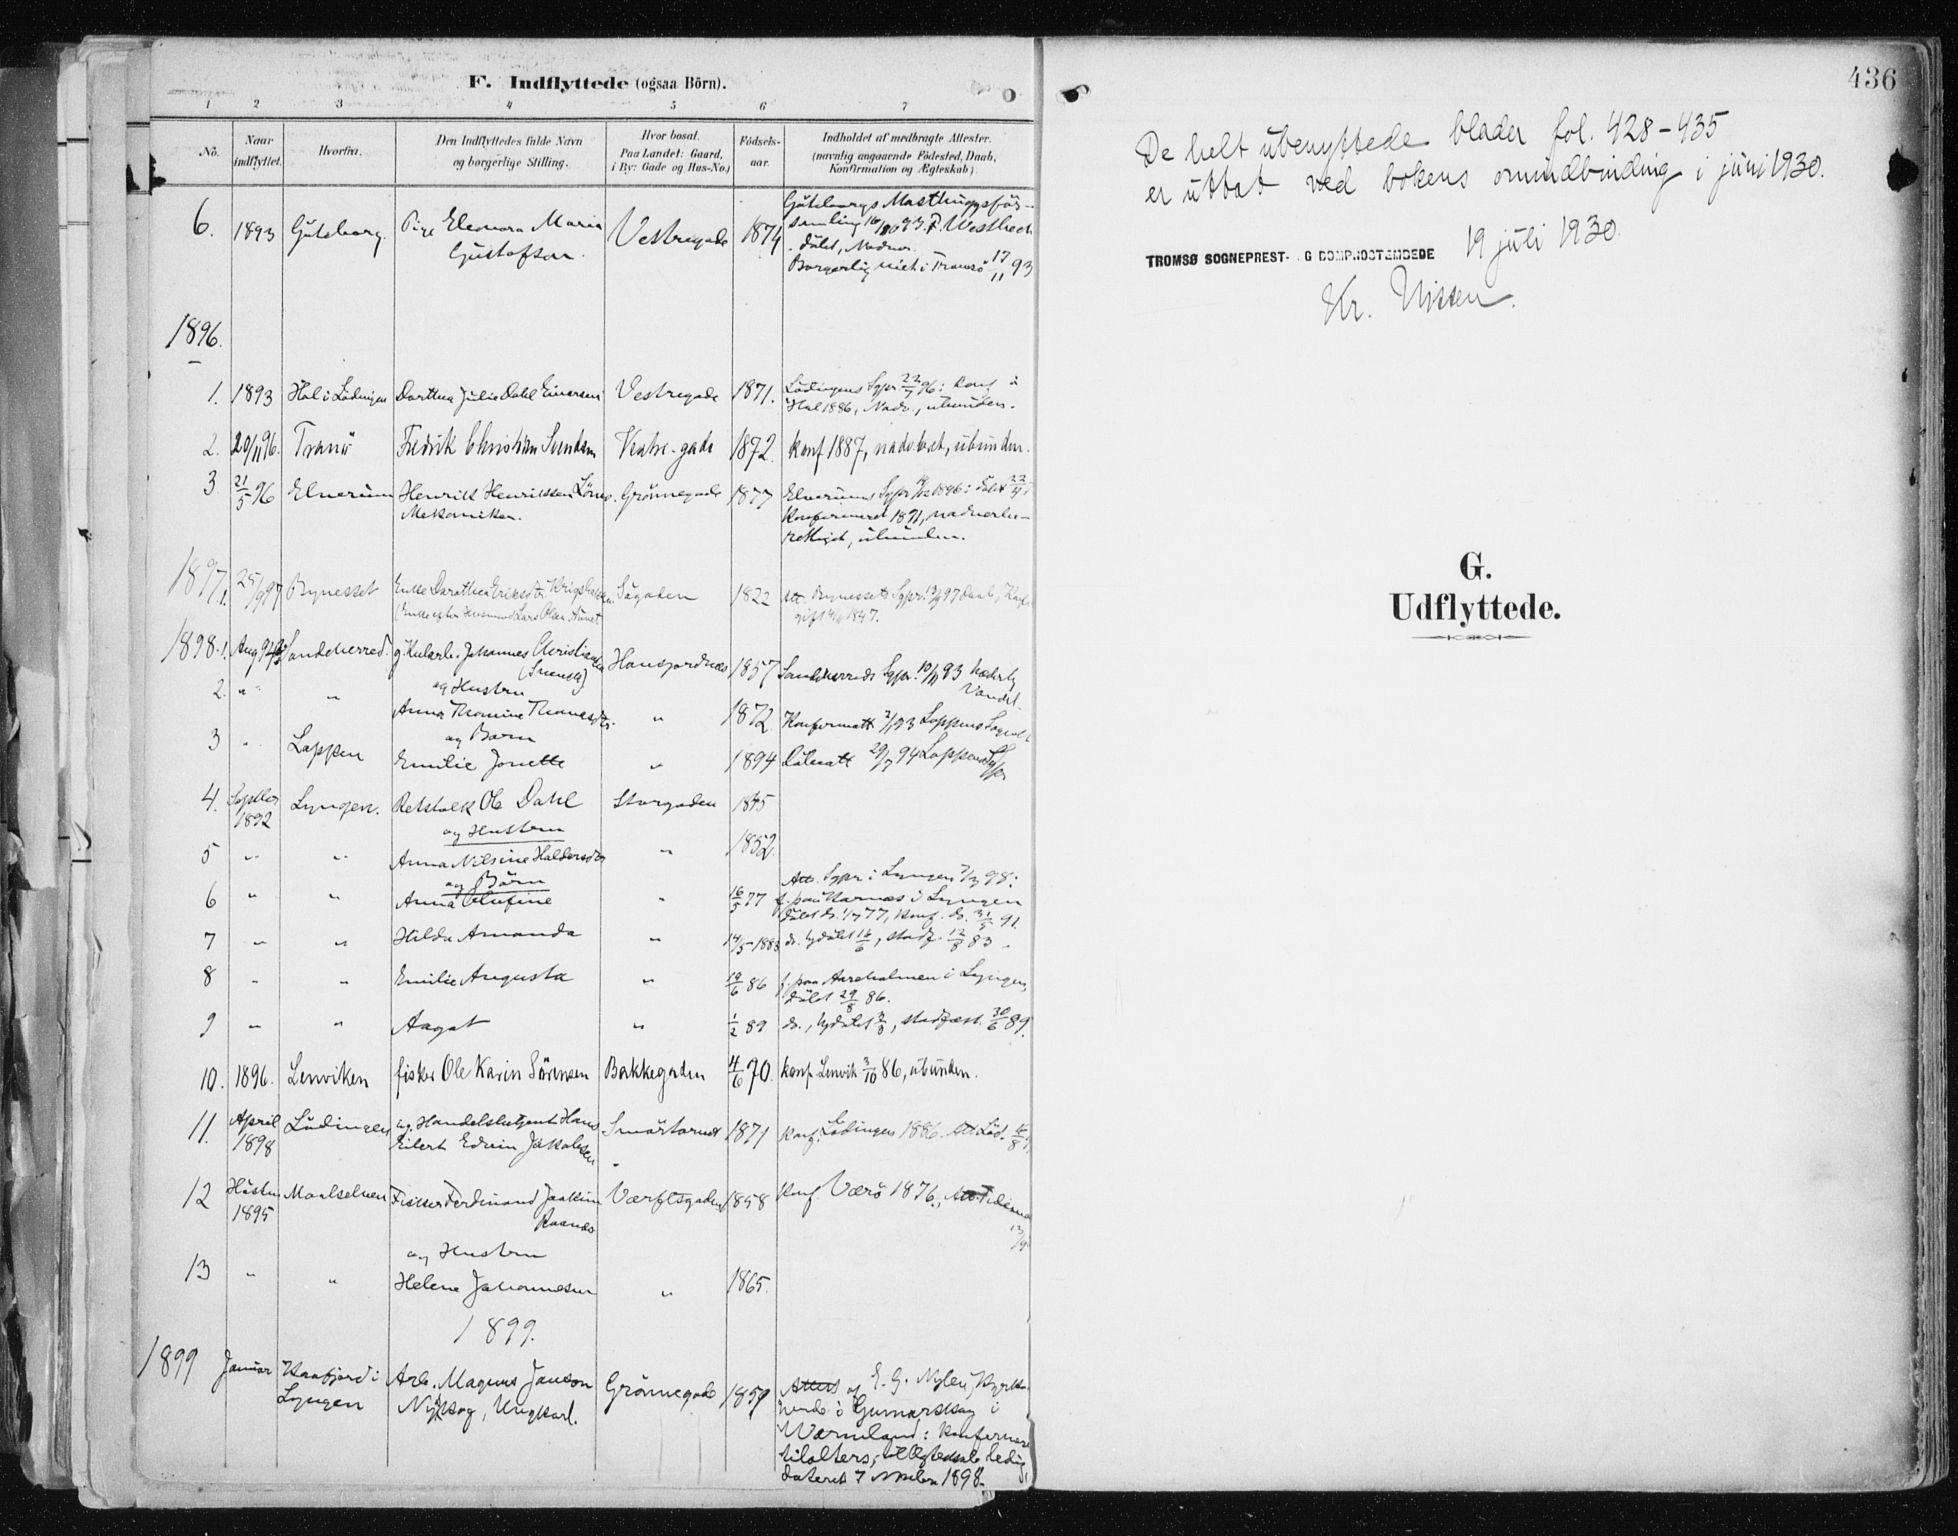 SATØ, Tromsø sokneprestkontor/stiftsprosti/domprosti, G/Ga/L0015kirke: Ministerialbok nr. 15, 1889-1899, s. 436